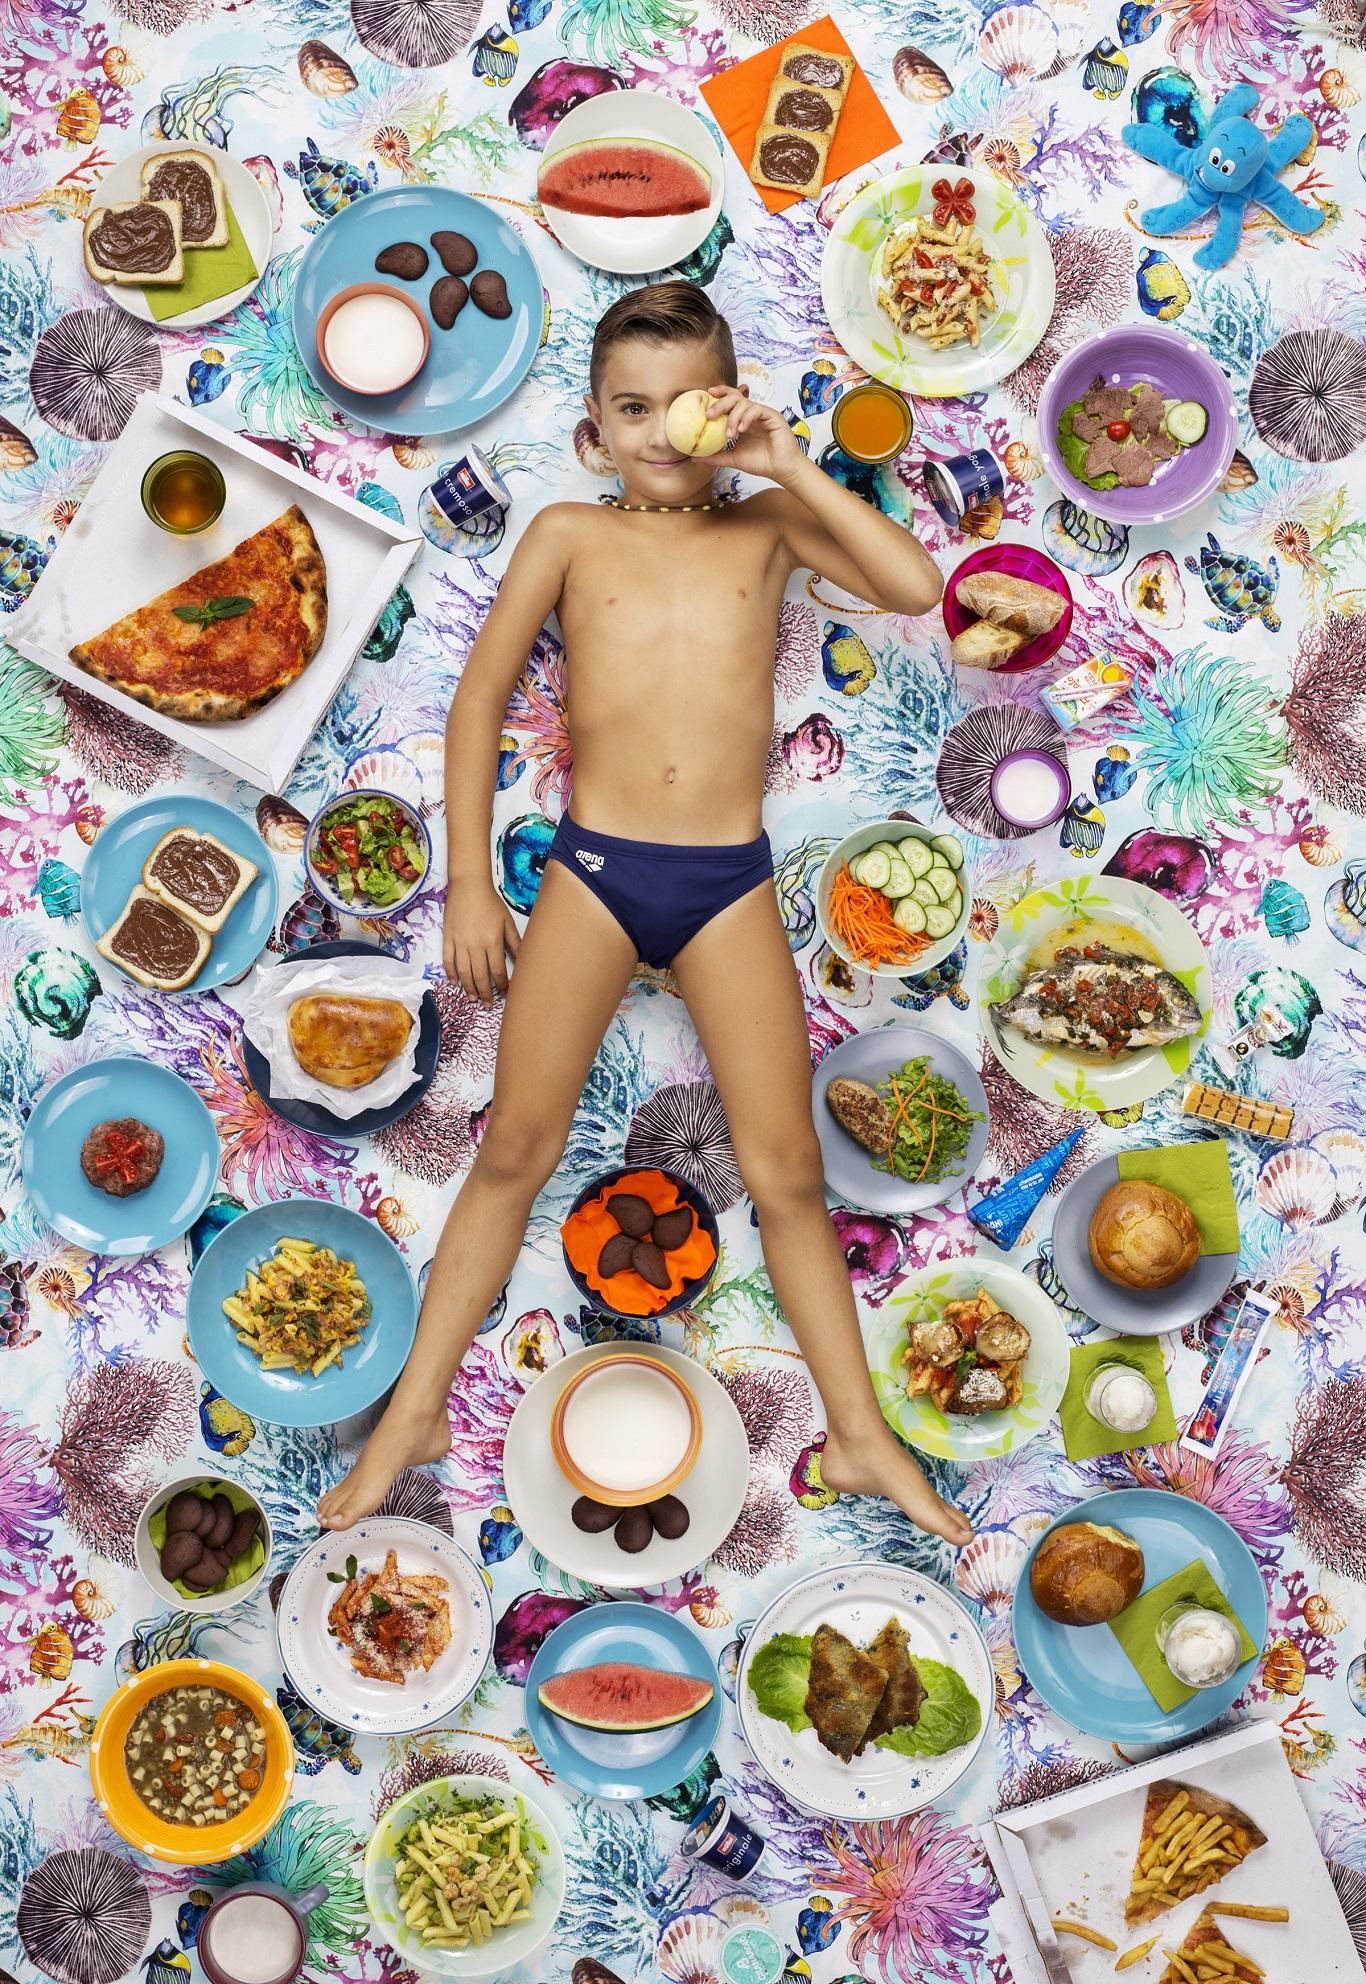 chế độ ăn uống 7